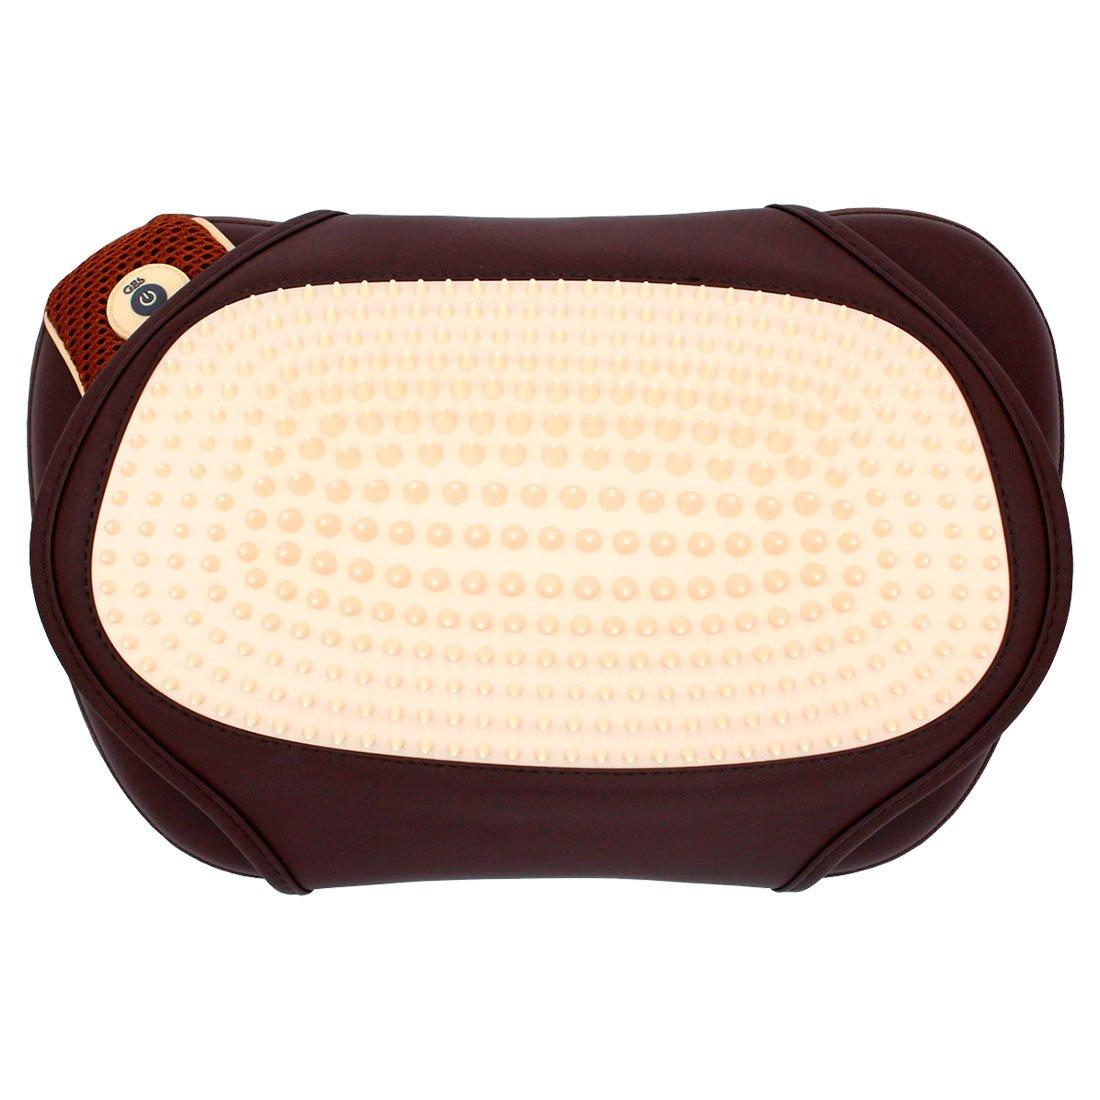 Gess uTenon массажная подушка для шеи с акупунктурной накидкой